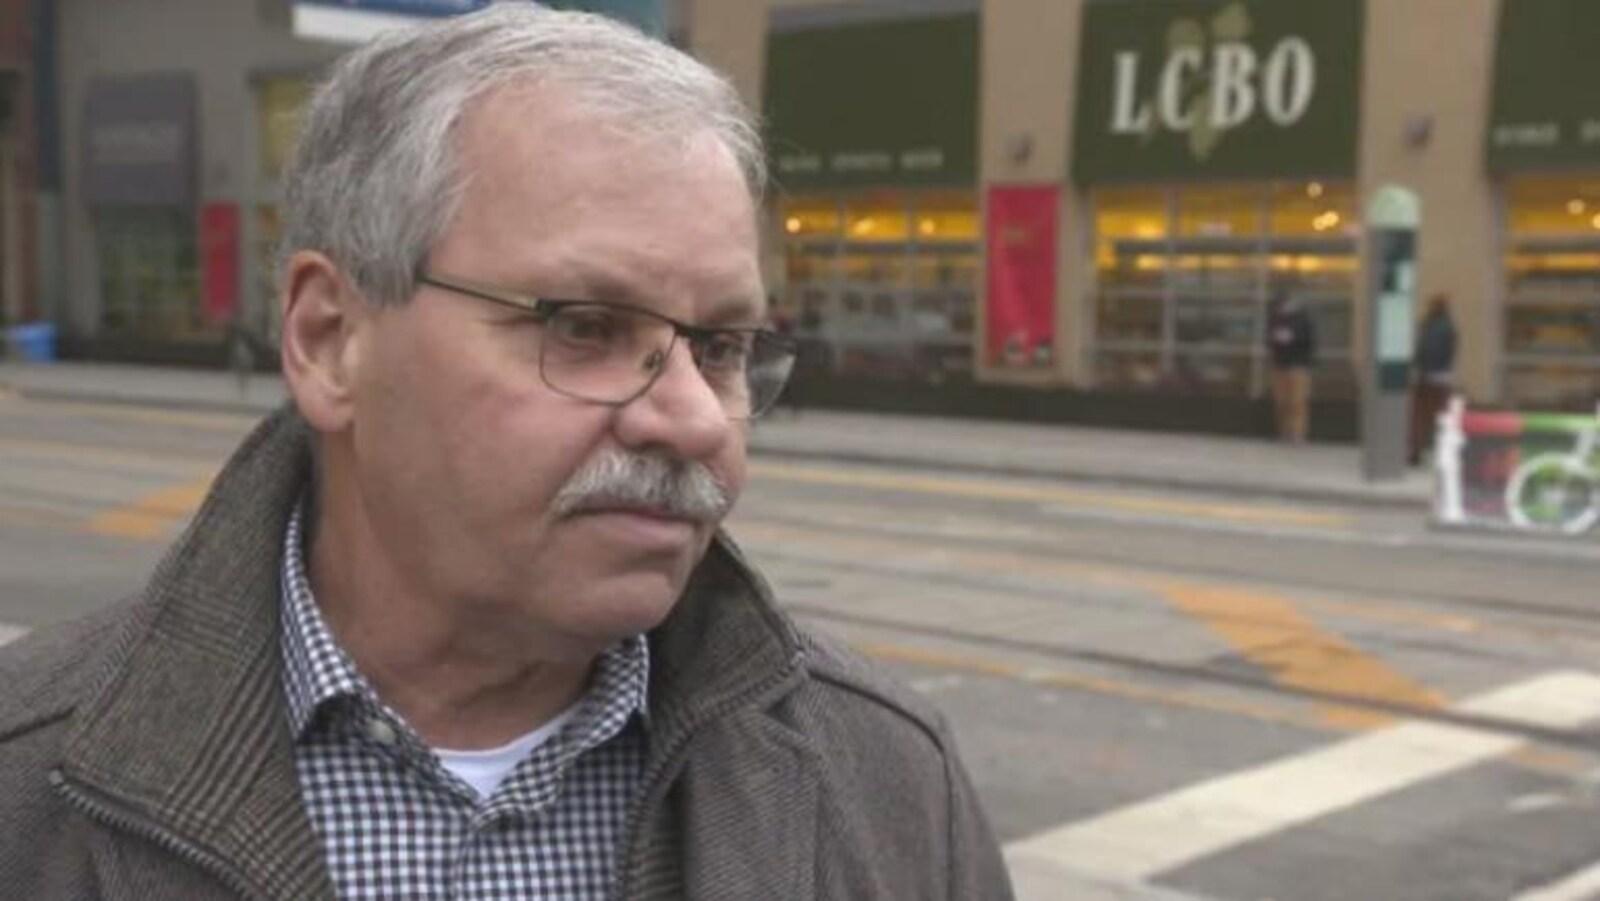 Le président du Syndicat des employés de la fonction publique de l'Ontario, Warren Smokey Thomas porte des lunettes et une moustache grise, des cheveux gris, il est dehors devant une succursale LCBO